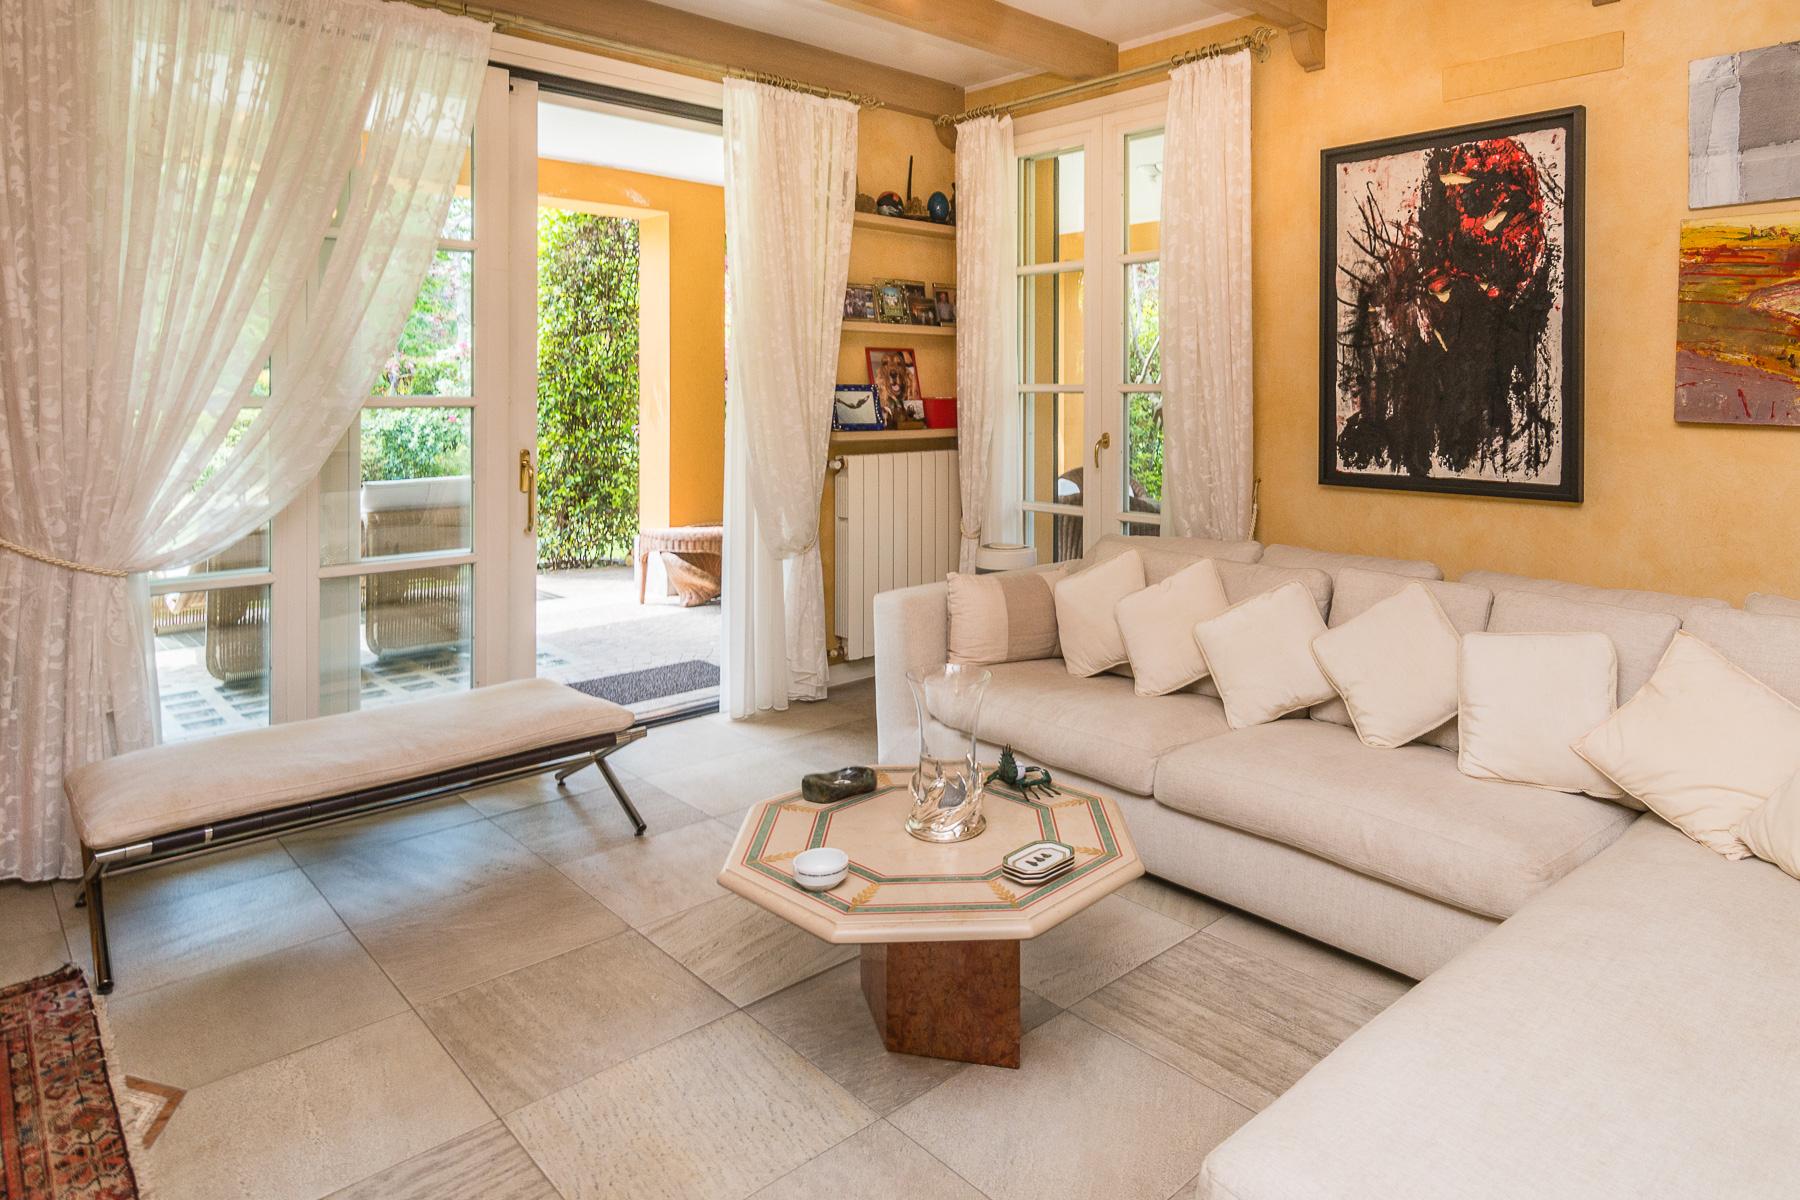 Villa in Vendita a Agrate Conturbia: 5 locali, 300 mq - Foto 13